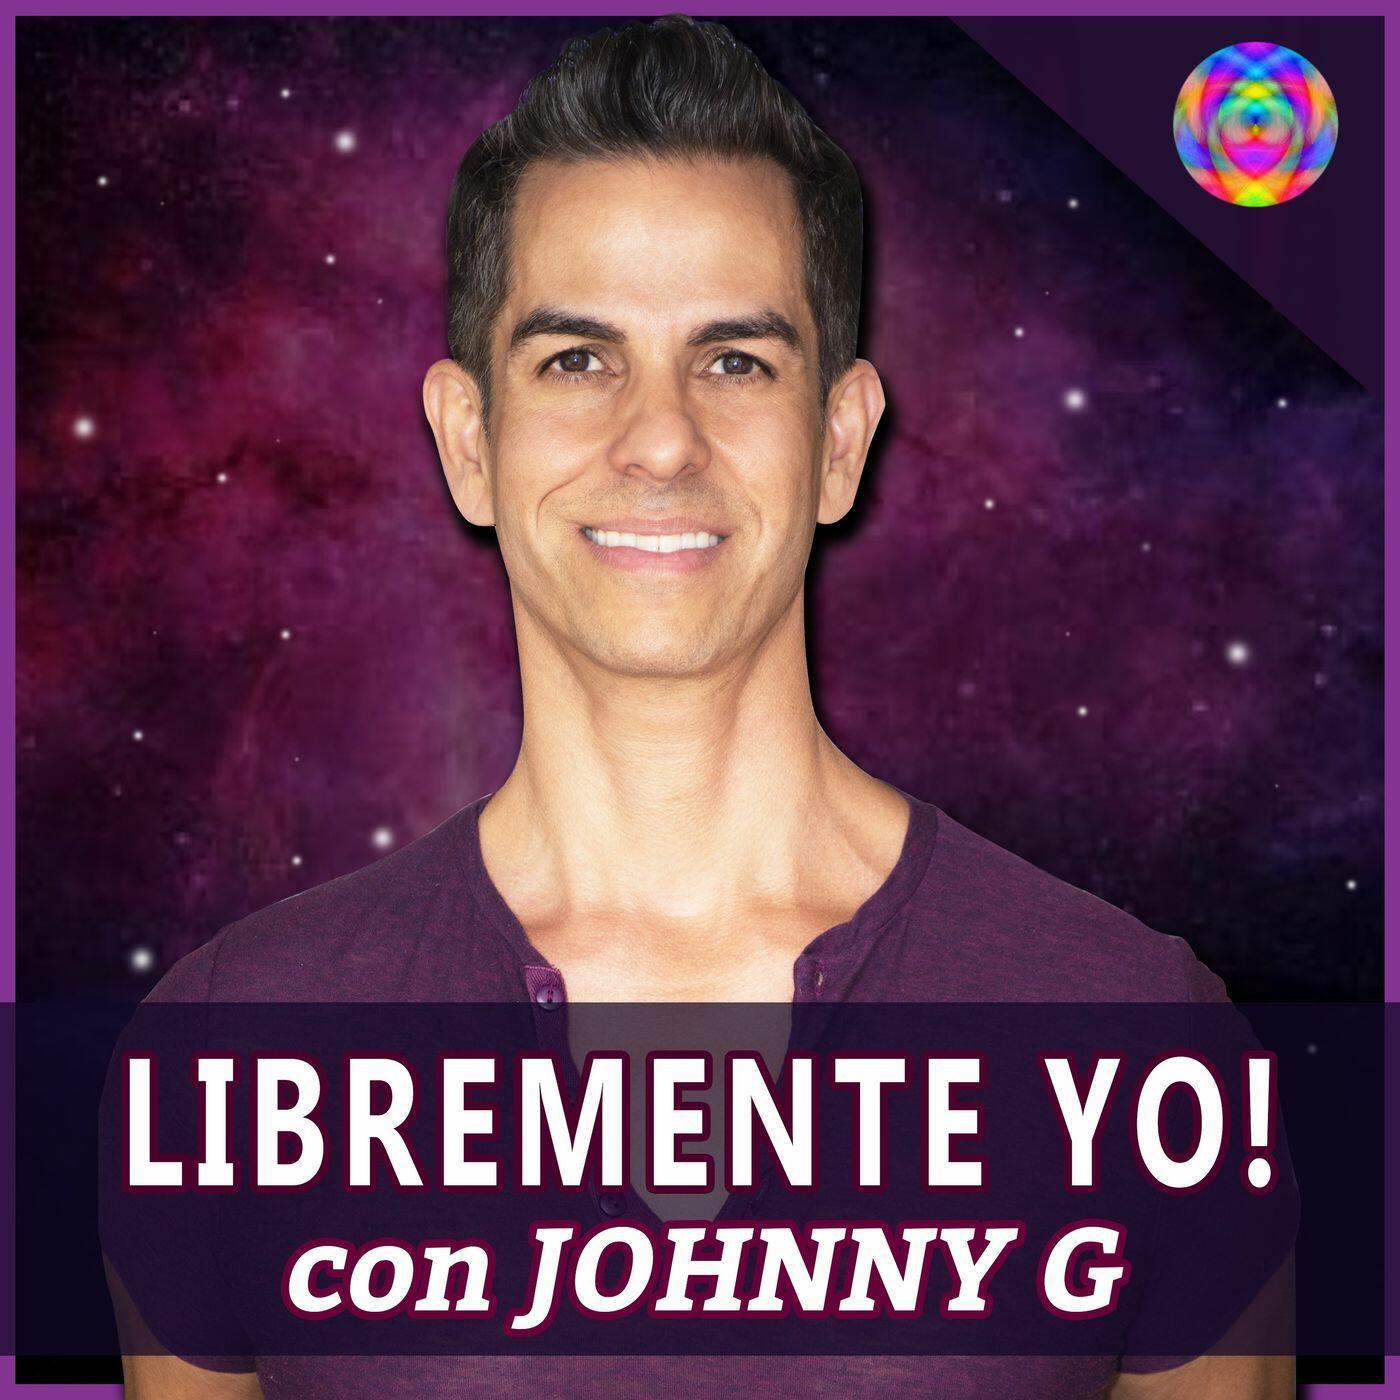 Libremente Yo! con Johnny G - Español